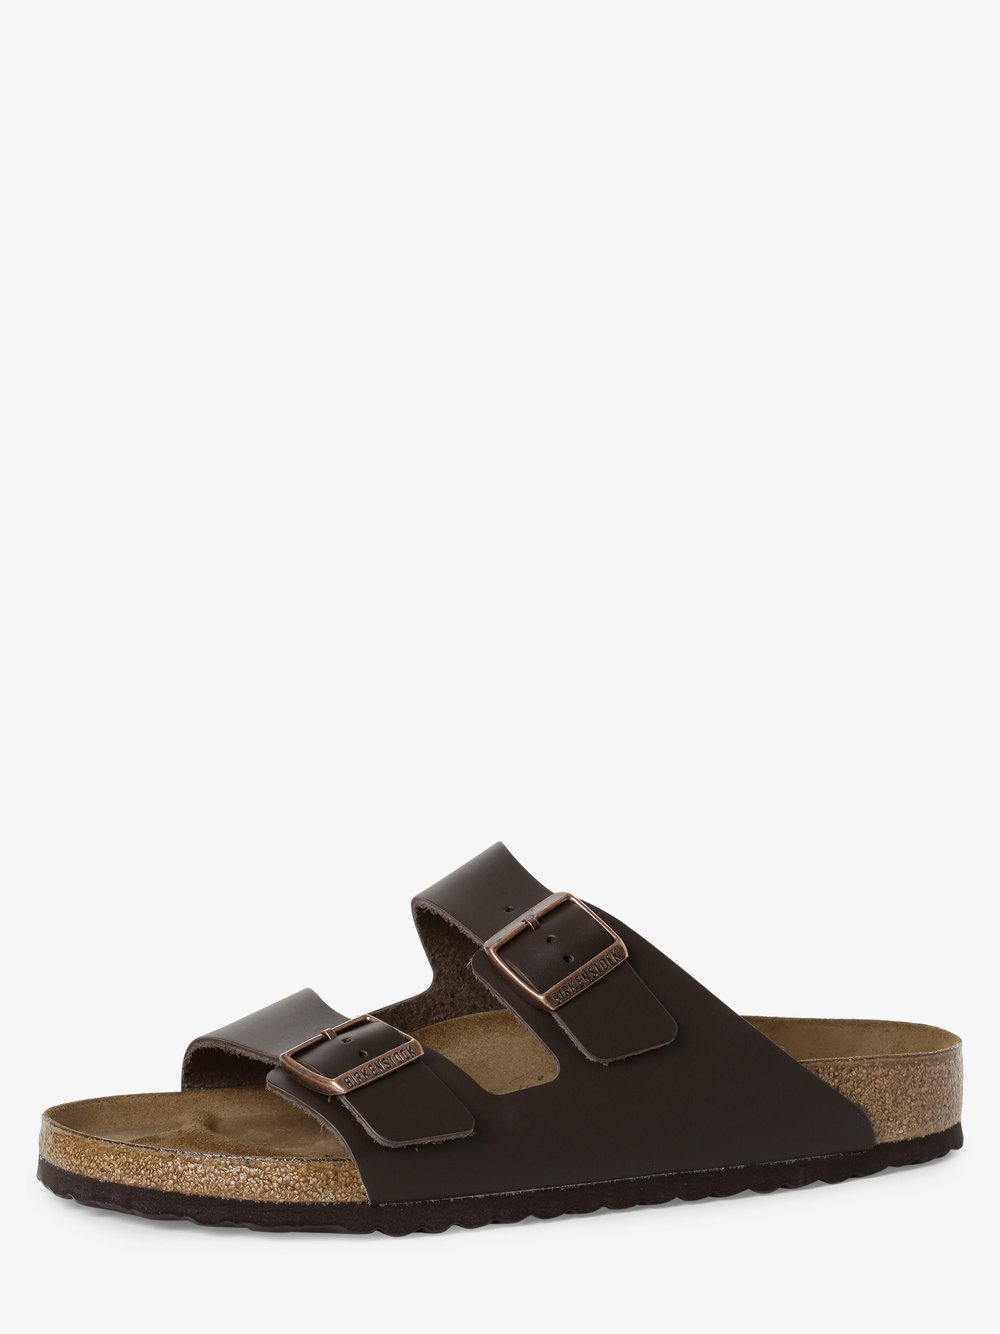 Birkenstock - Sandały męskie ze skóry – Arizona BS, brązowy